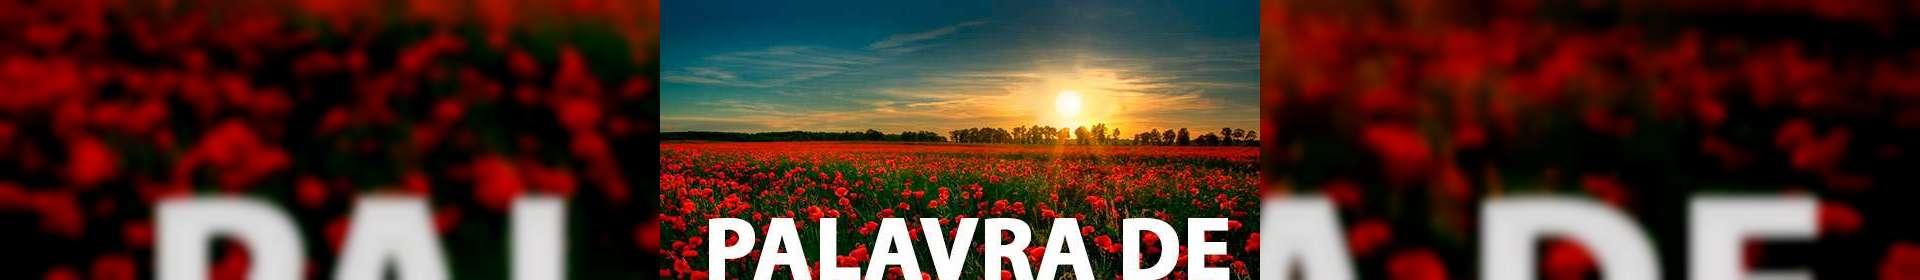 Salmos 130:6 - Uma Palavra de Esperança para sua vida